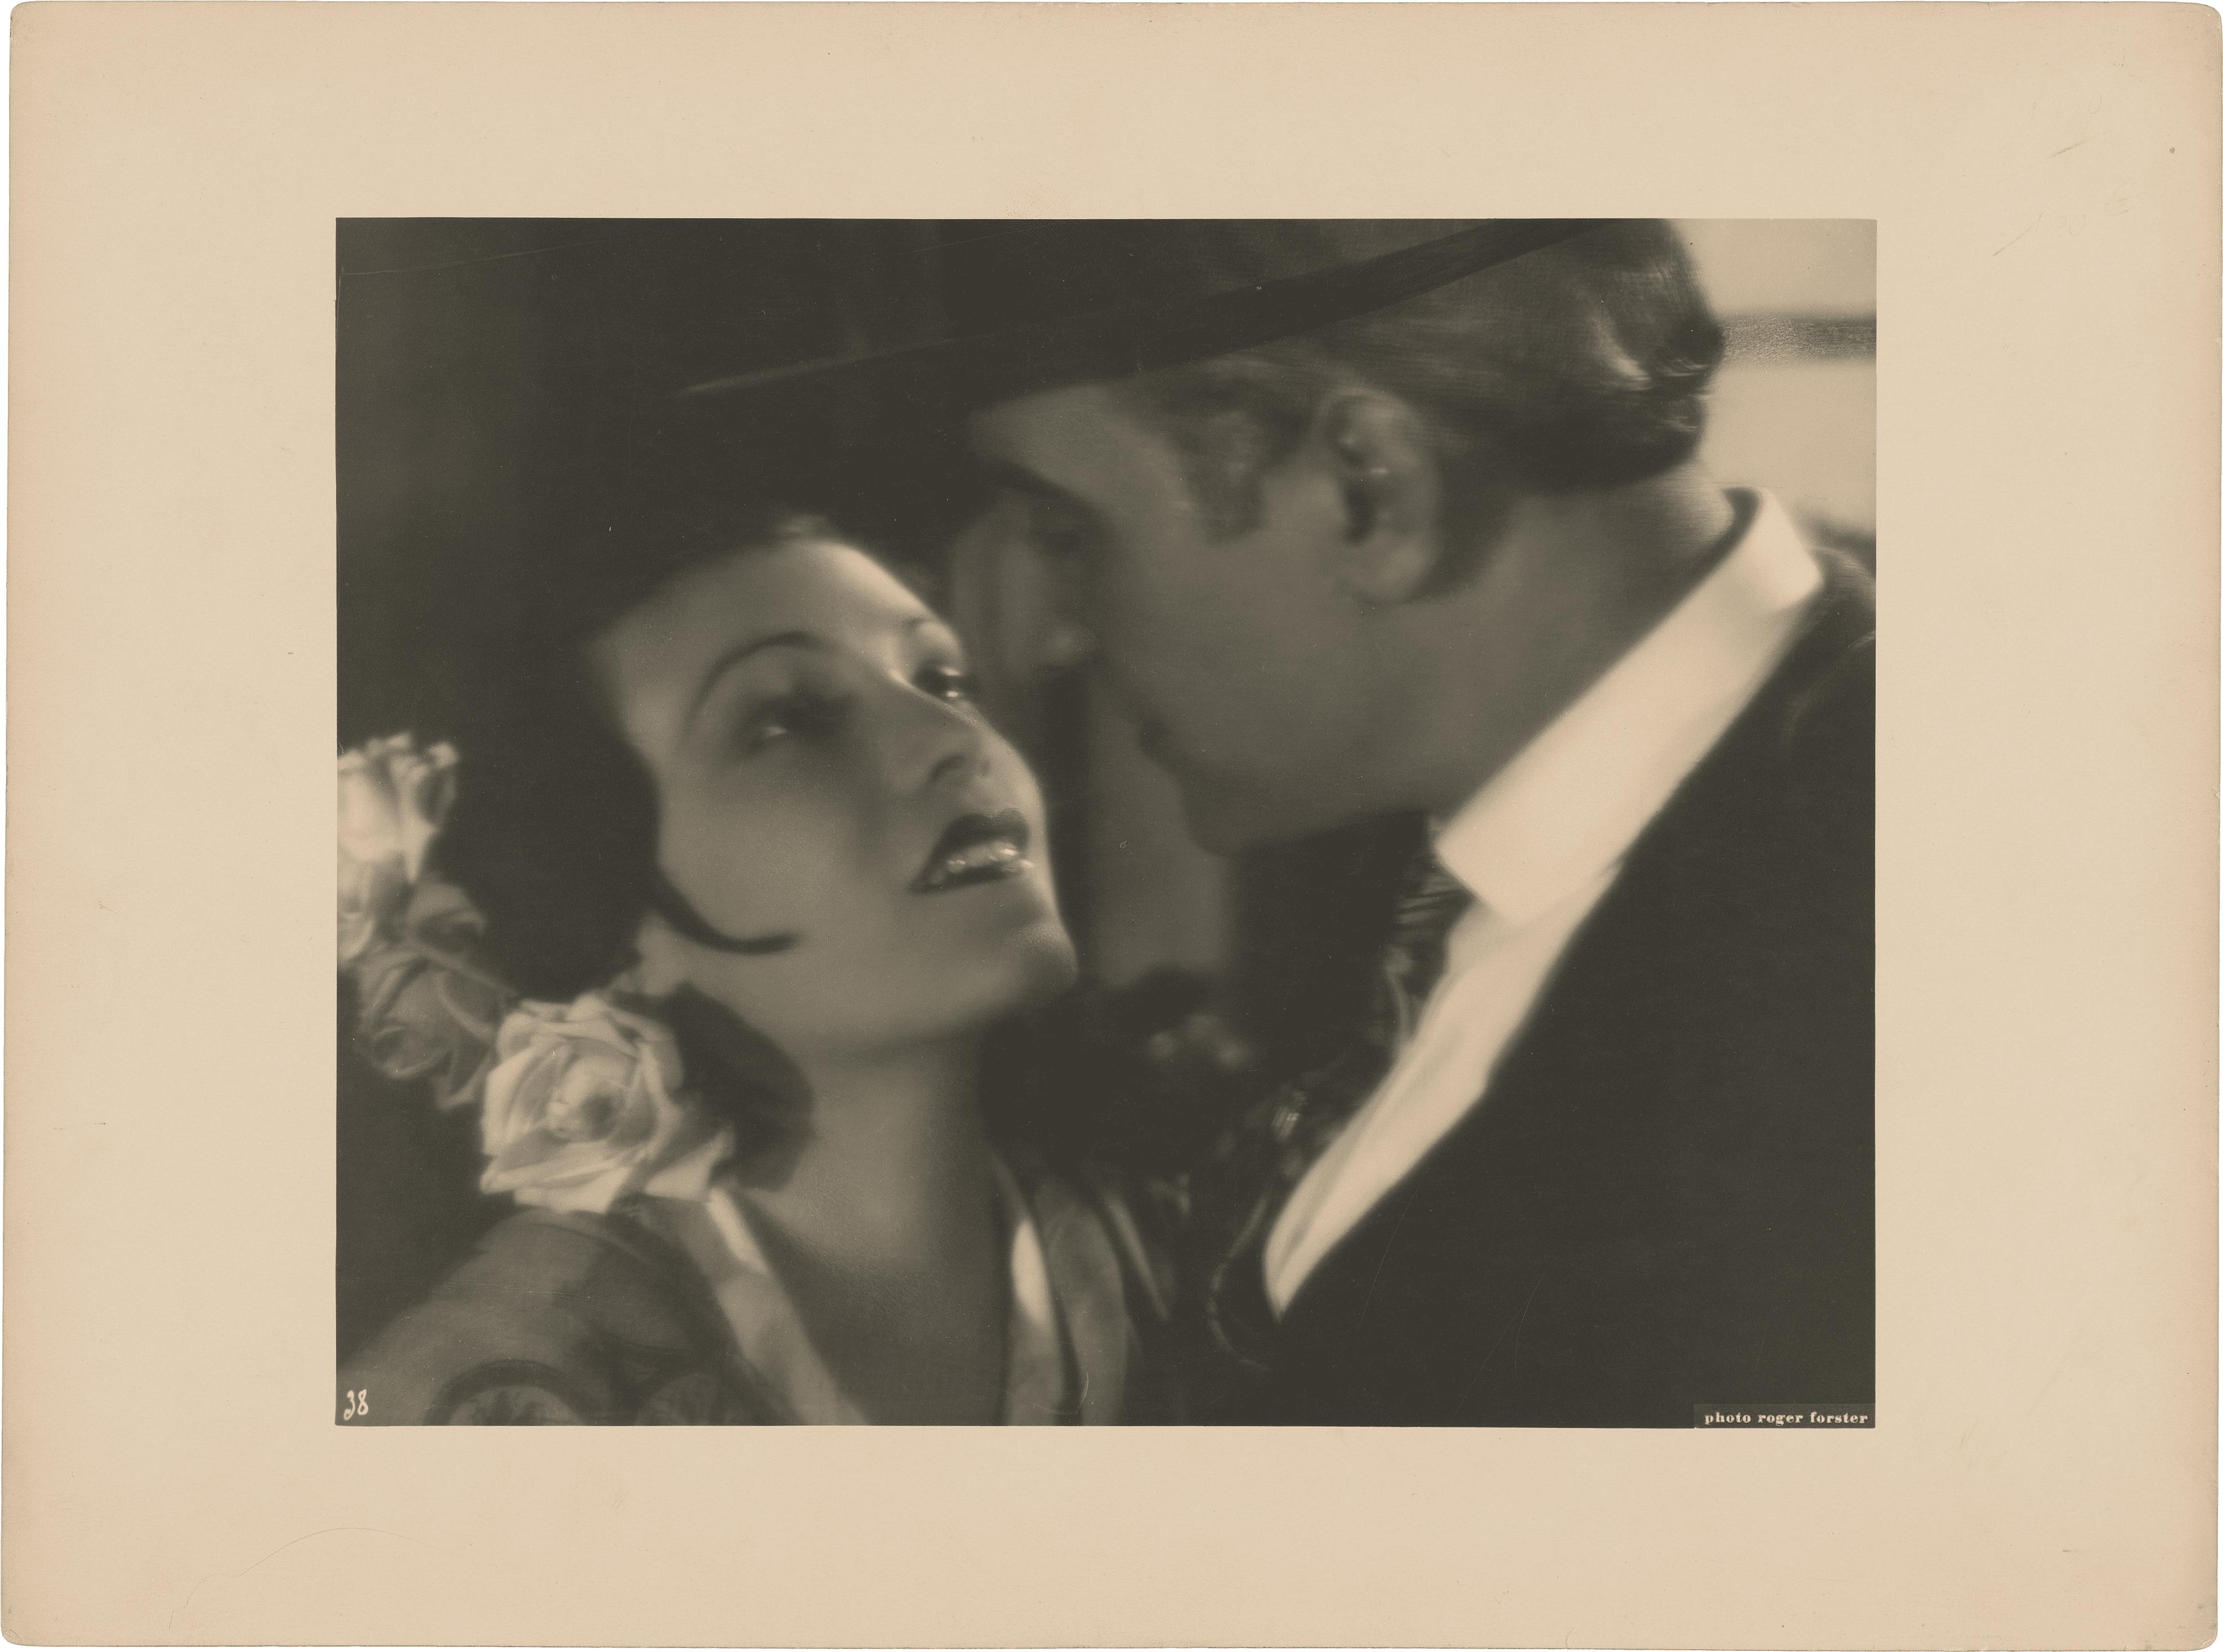 LA FEMME ET LE PANTIN - BARONCELLI (1929) - DVD + BRD